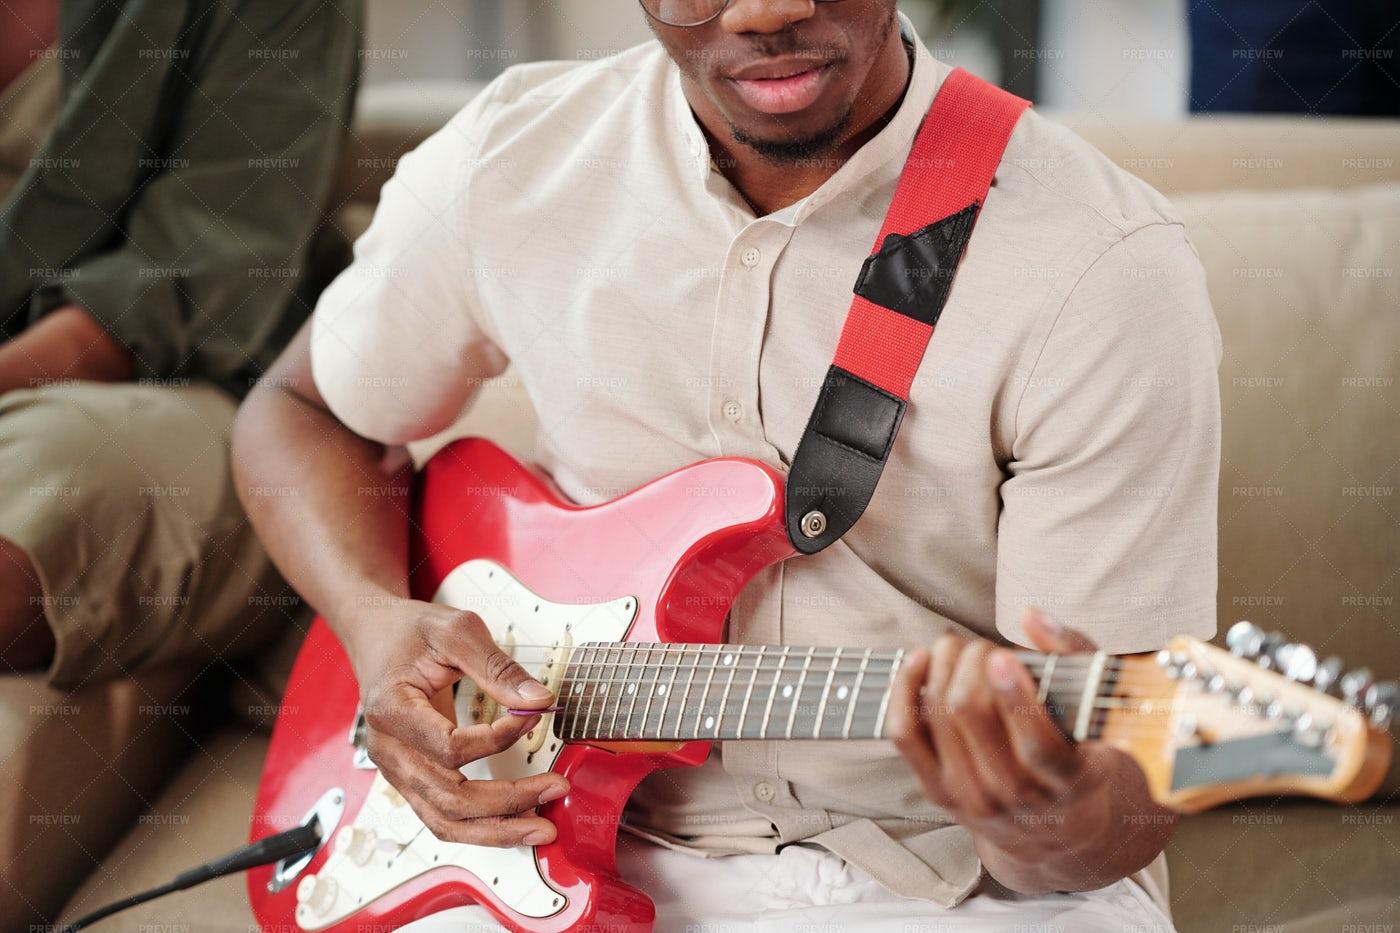 Man Playing Electro Guitar: Stock Photos